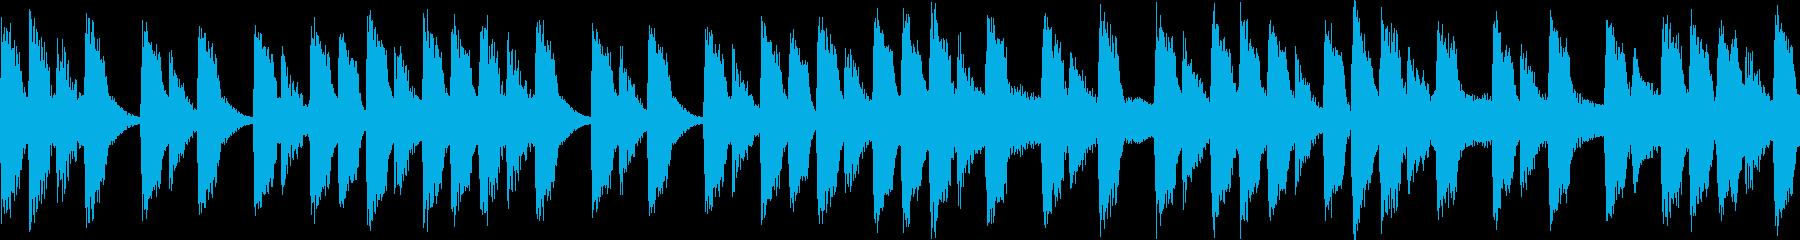 〇ッマン風のファミコンサウンド①の再生済みの波形